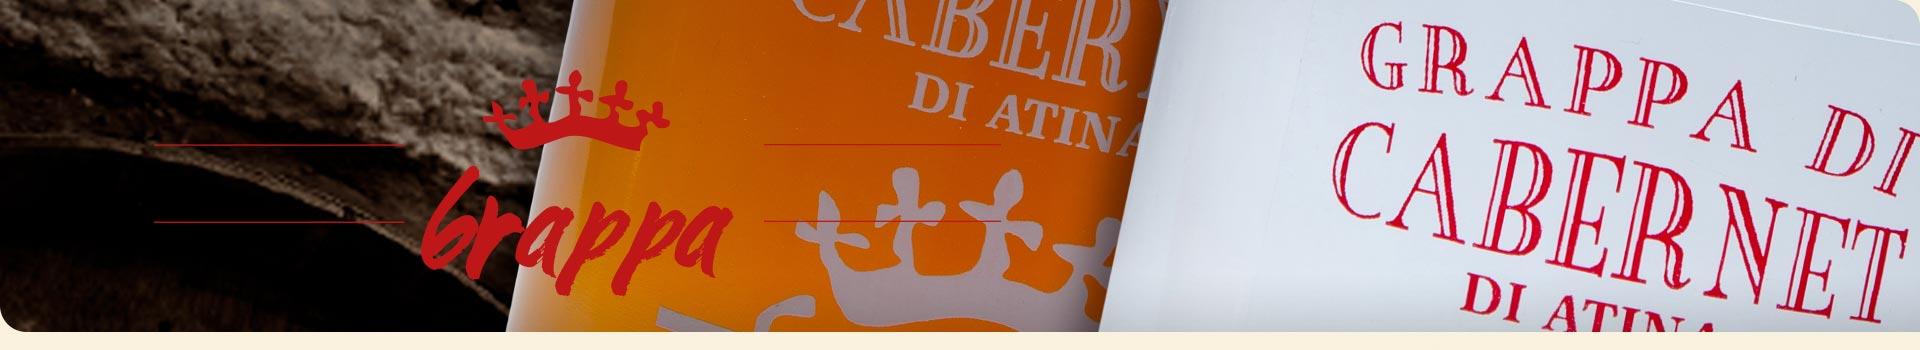 vini-grappa-banner